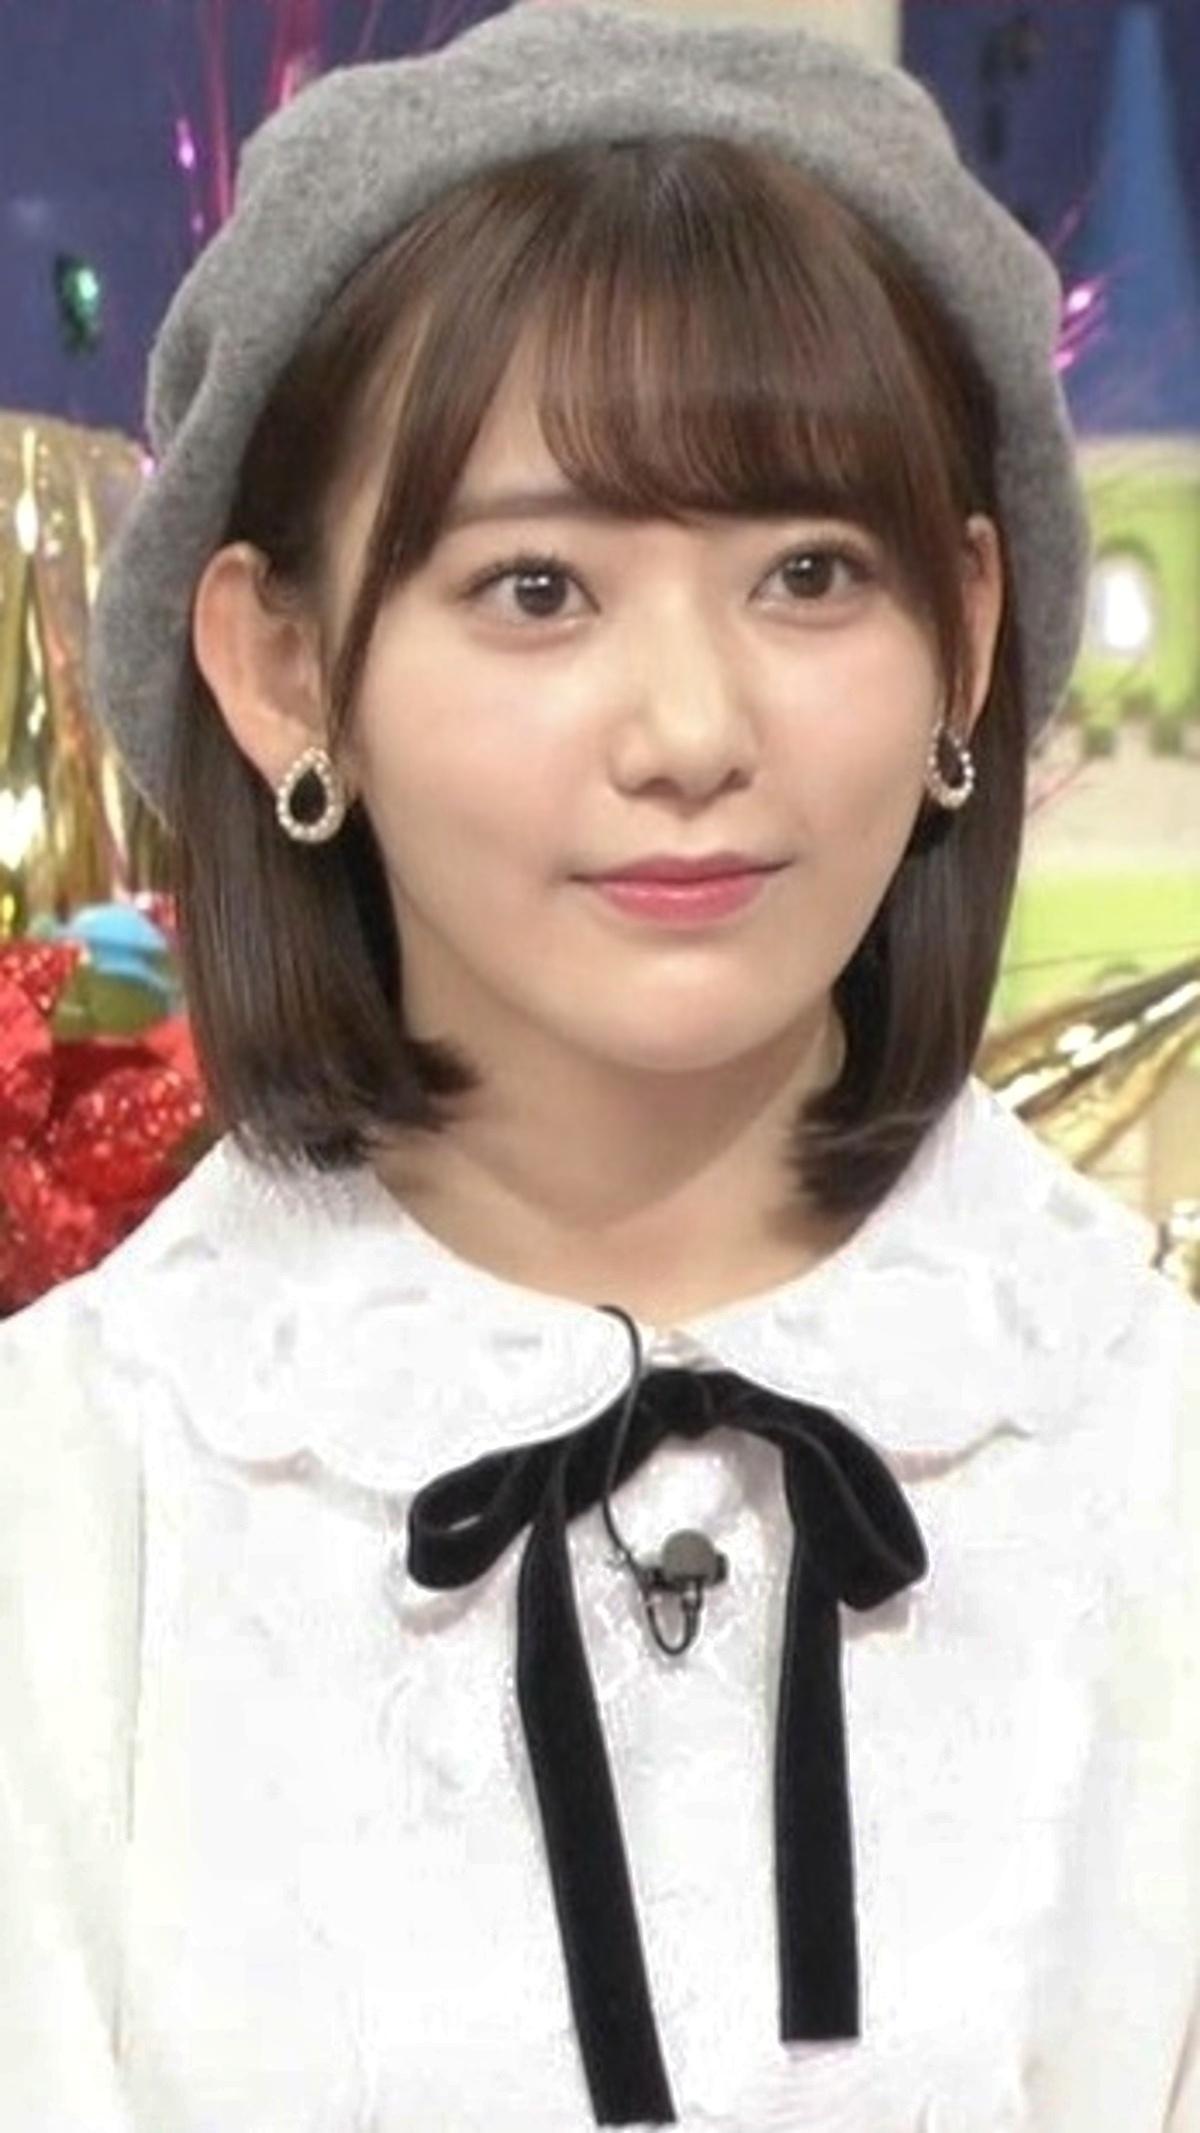 ヒデ吉☆〆(゚▽゚*)★【ファイトん@♯.COM】